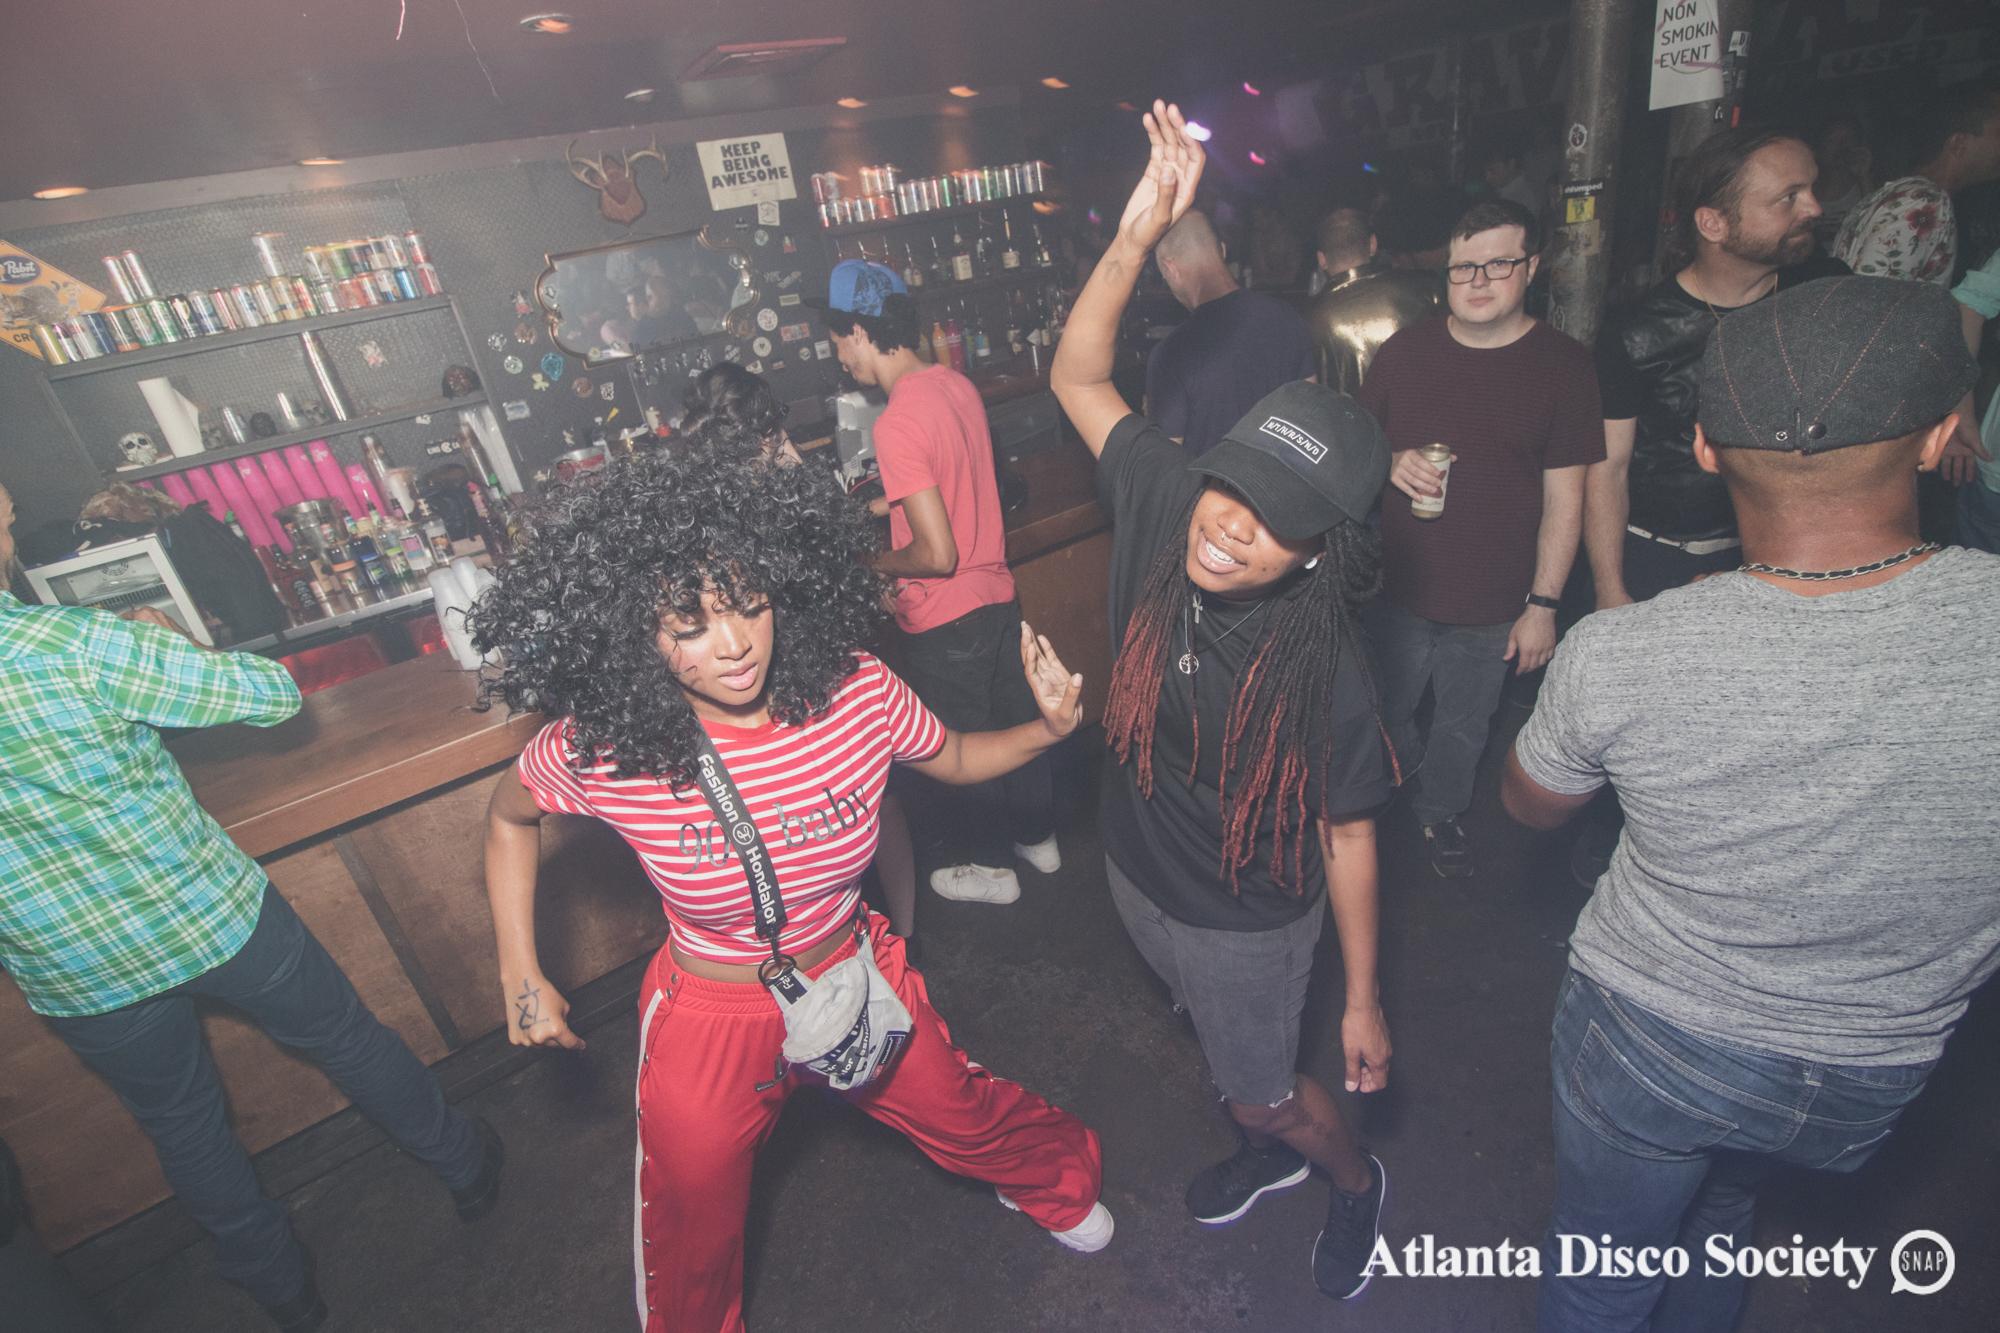 149Atlanta Disco Society Grace Kelly Oh Snap Kid 7.27.19.jpg